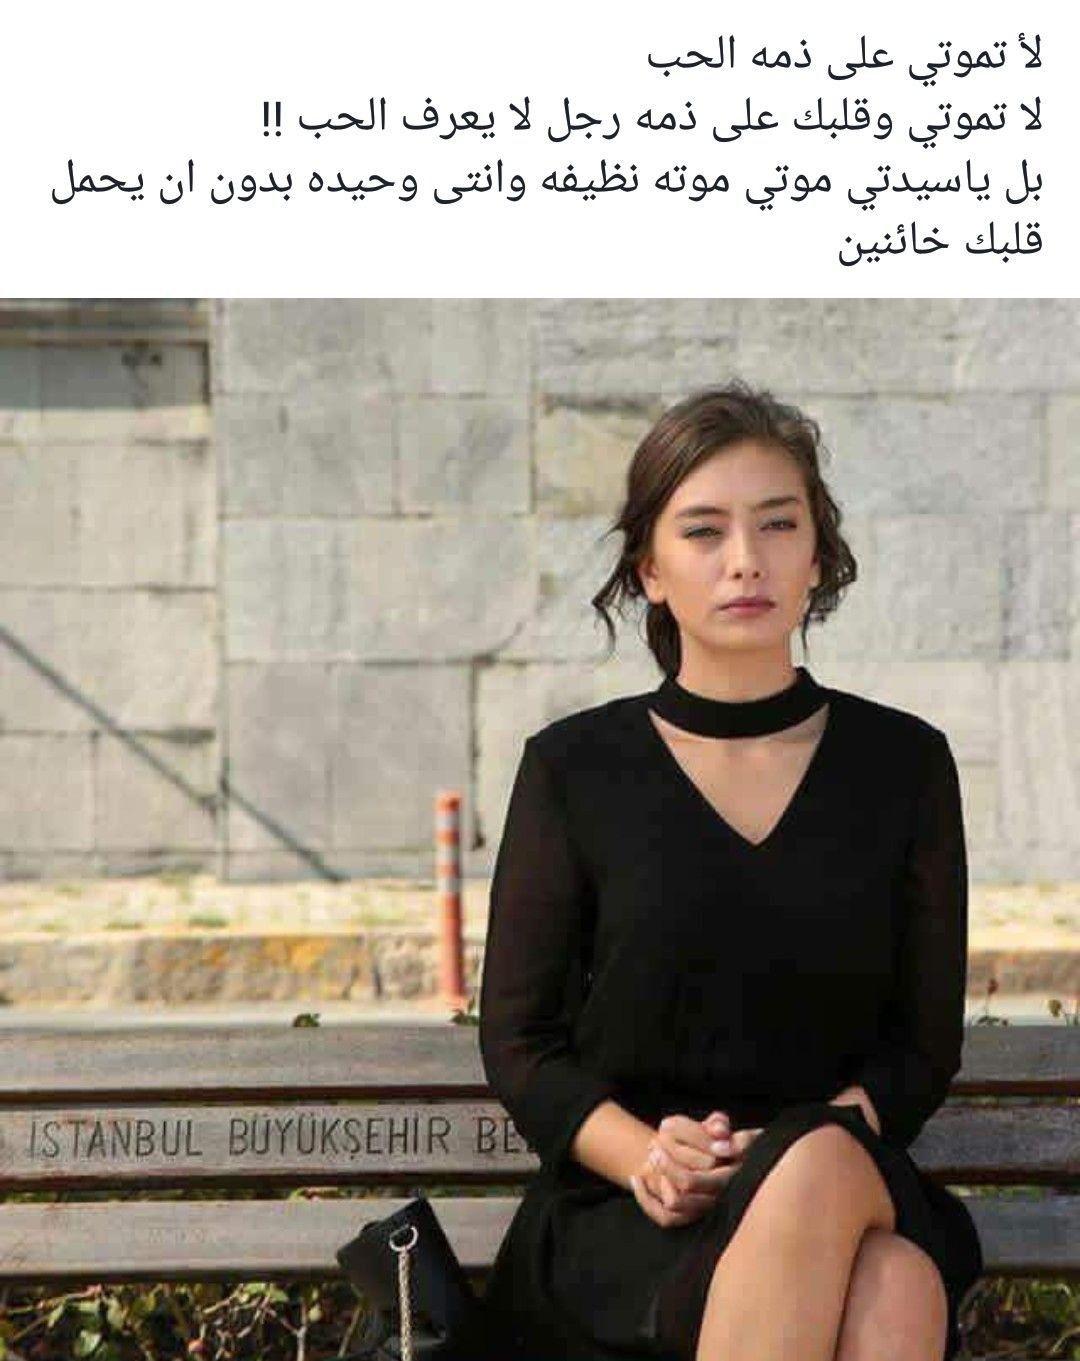 كرامتي فوق كل شيىء Arabic Quotes Arabic Love Quotes Cool Words